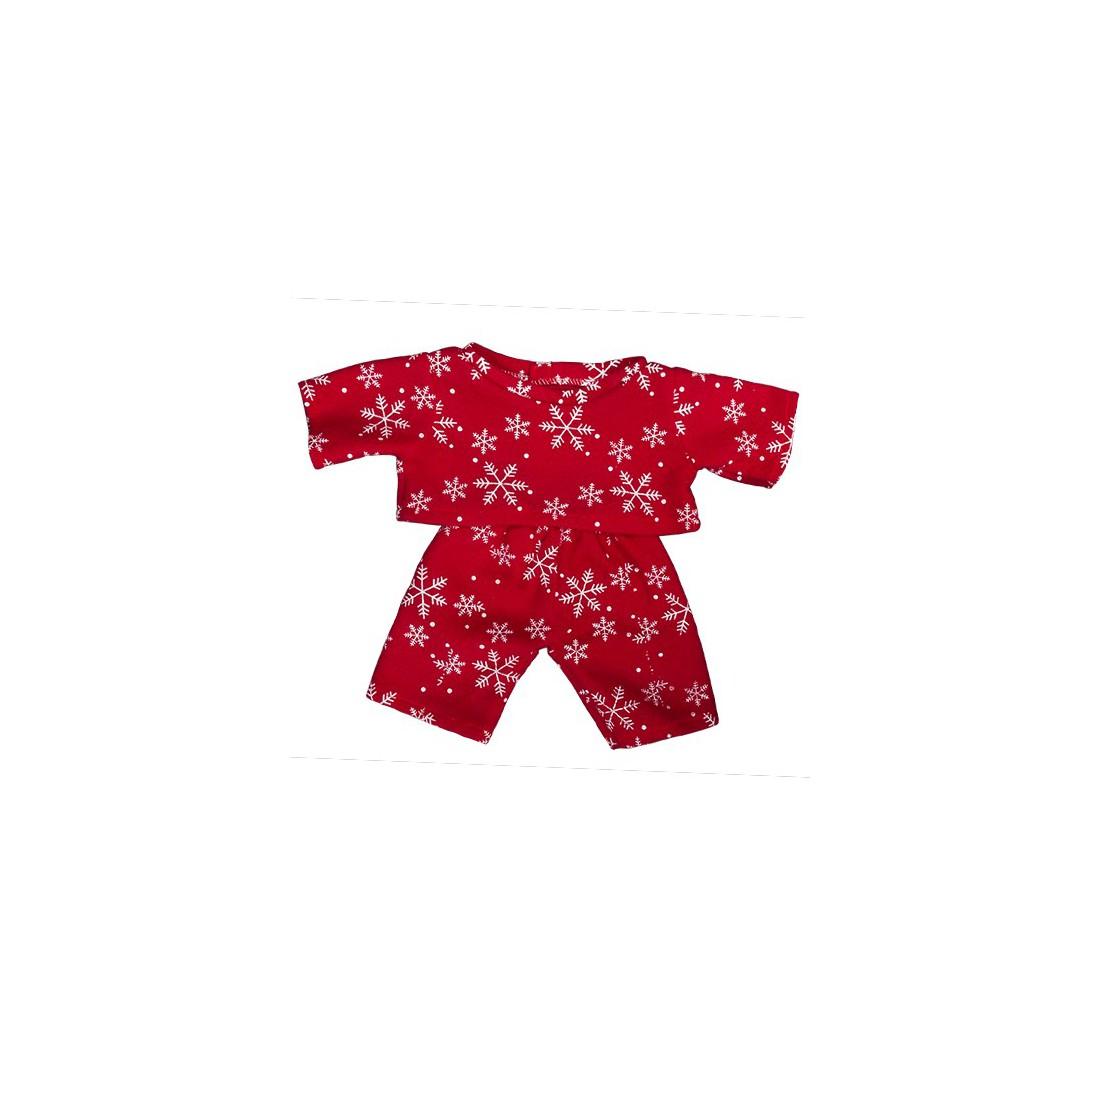 """pyjama rouge """"flocon de neige""""  - 40 cm  - La tenue idéale pour les peluches personnalisées !"""